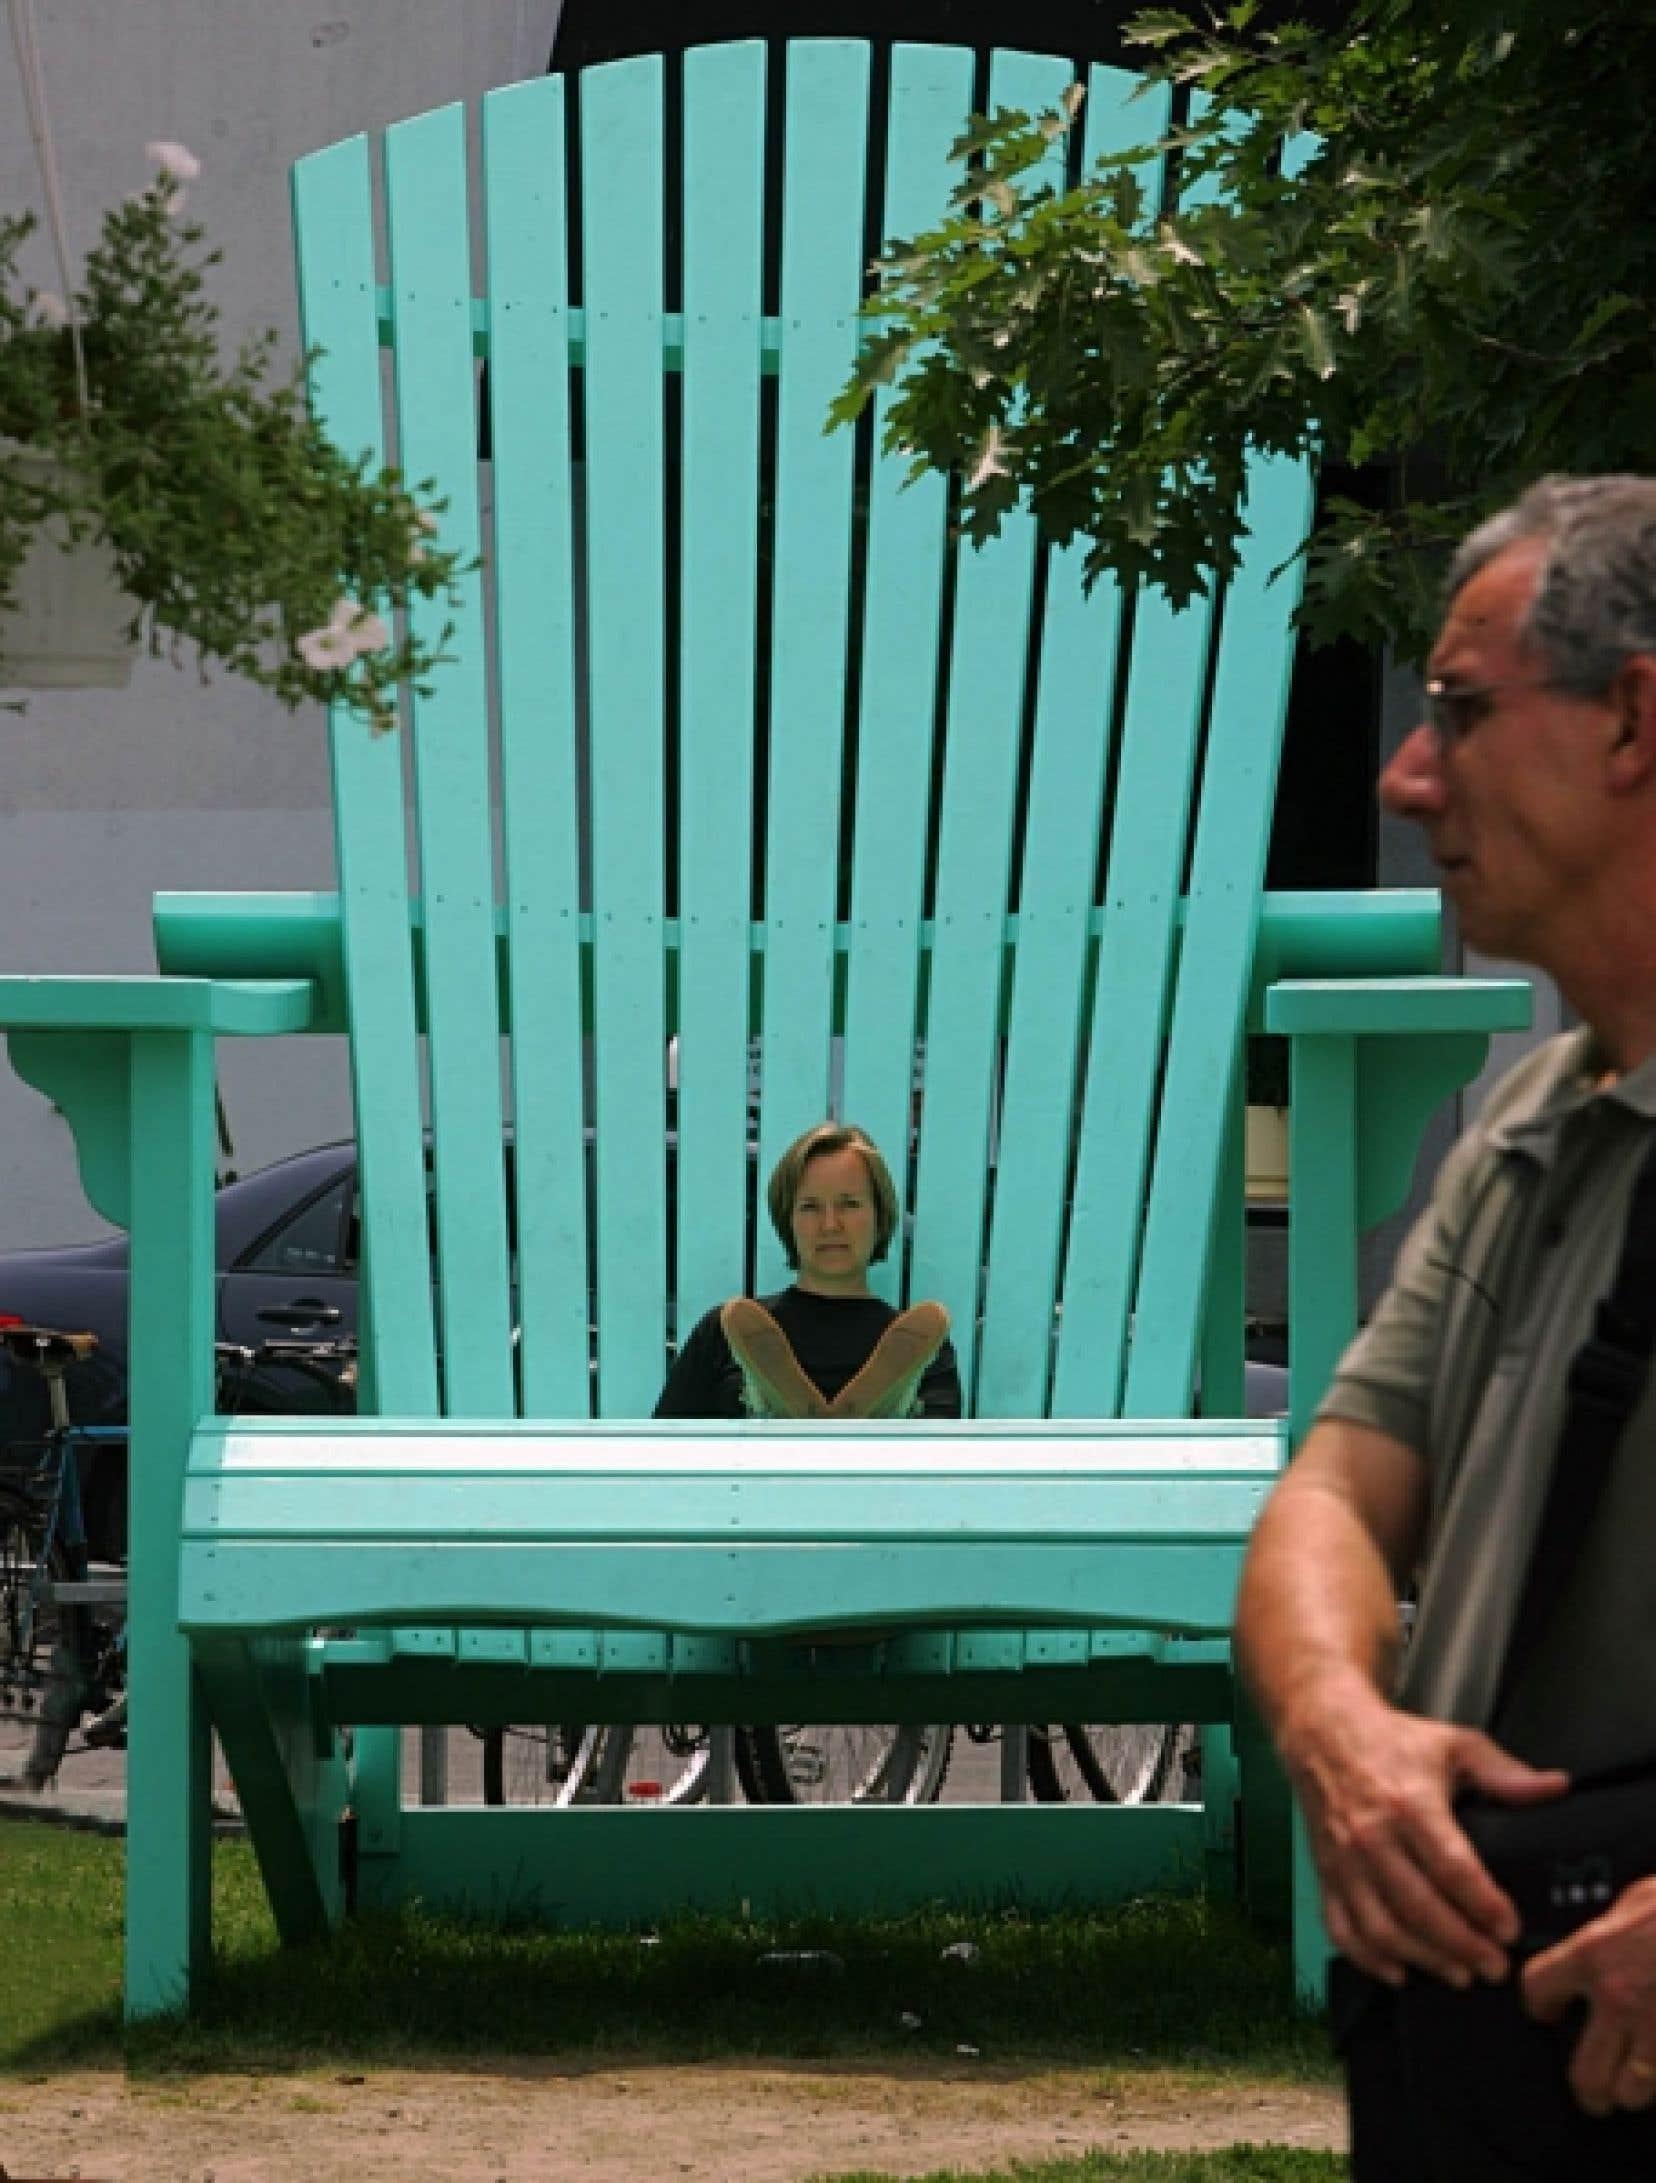 En matière d'art public éphémère, l'œuvre de NIPpaysage, intitulée Pause, a été désignée choix du jury lors de l'événement Paysages éphémères en 2005, aux abords du métro Mont-Royal.